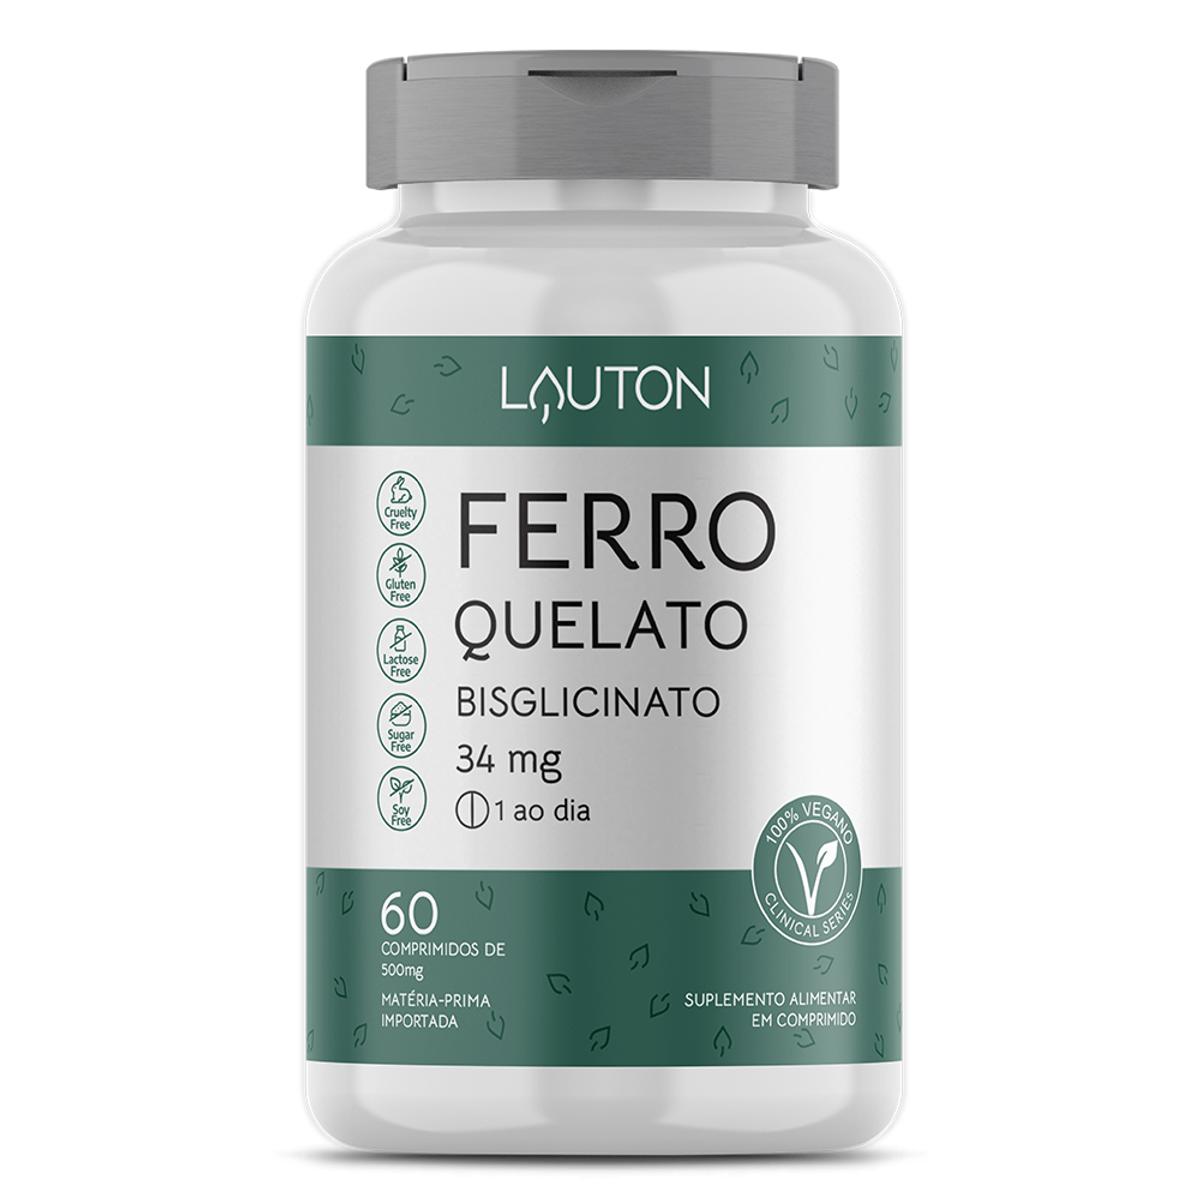 Ferro Quelato Bisglicinato 34mg - 60 Comprimidos - Lauton Nutrition